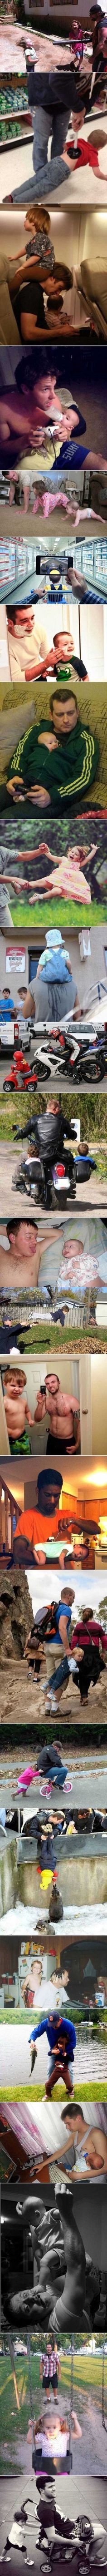 Mit Papa allein Zuhaus | Webfail - Fail Bilder und Fail Videos